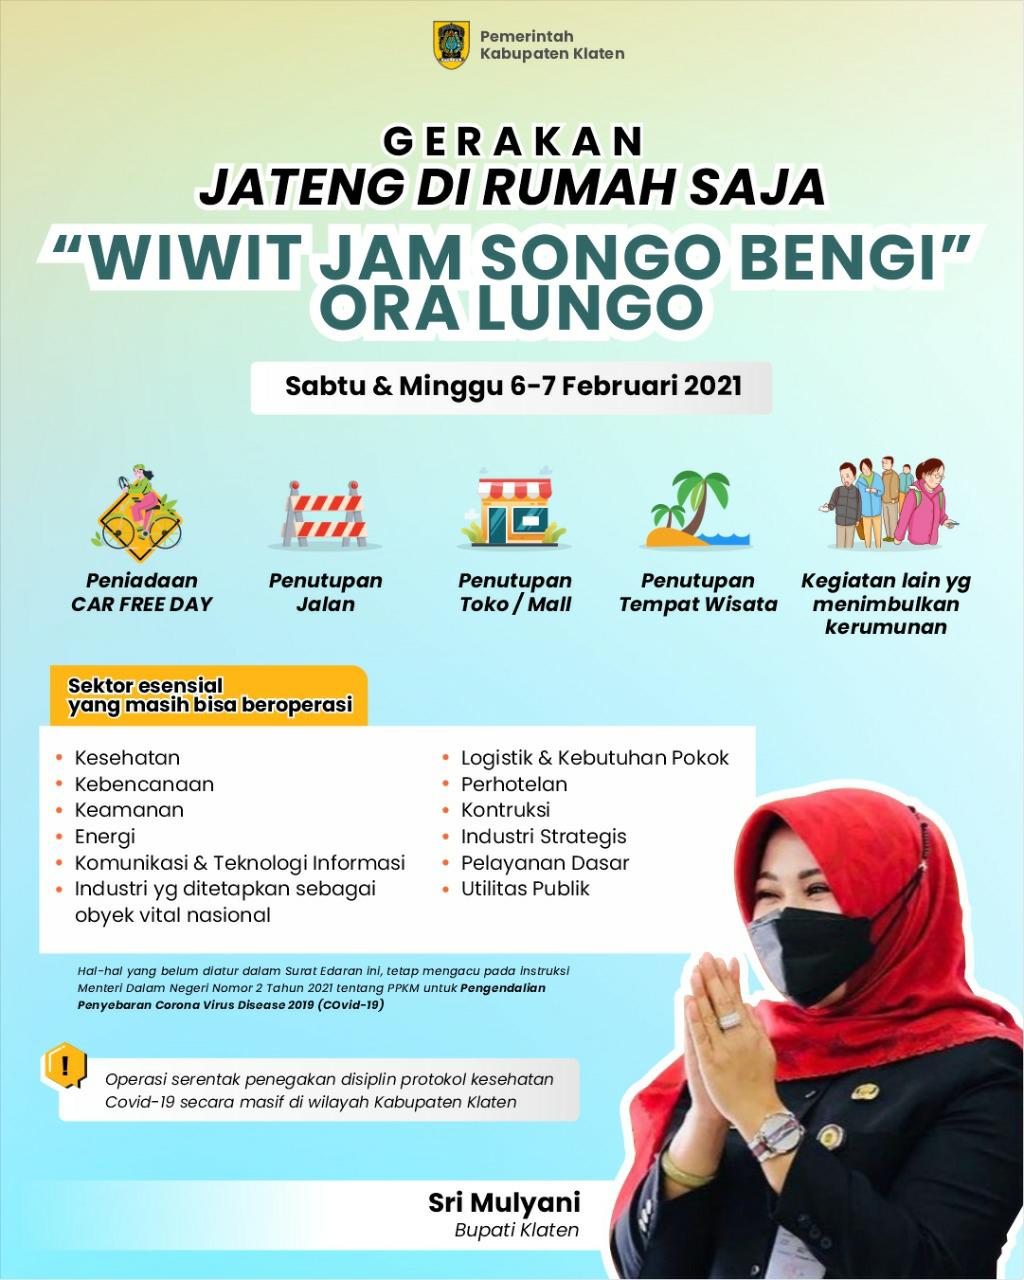 """Klaten Mendukung Gerakan Jateng Dirumah Saja. Bupati ; """"Wiwit Jam Songo Bengi Ora Lungo"""""""